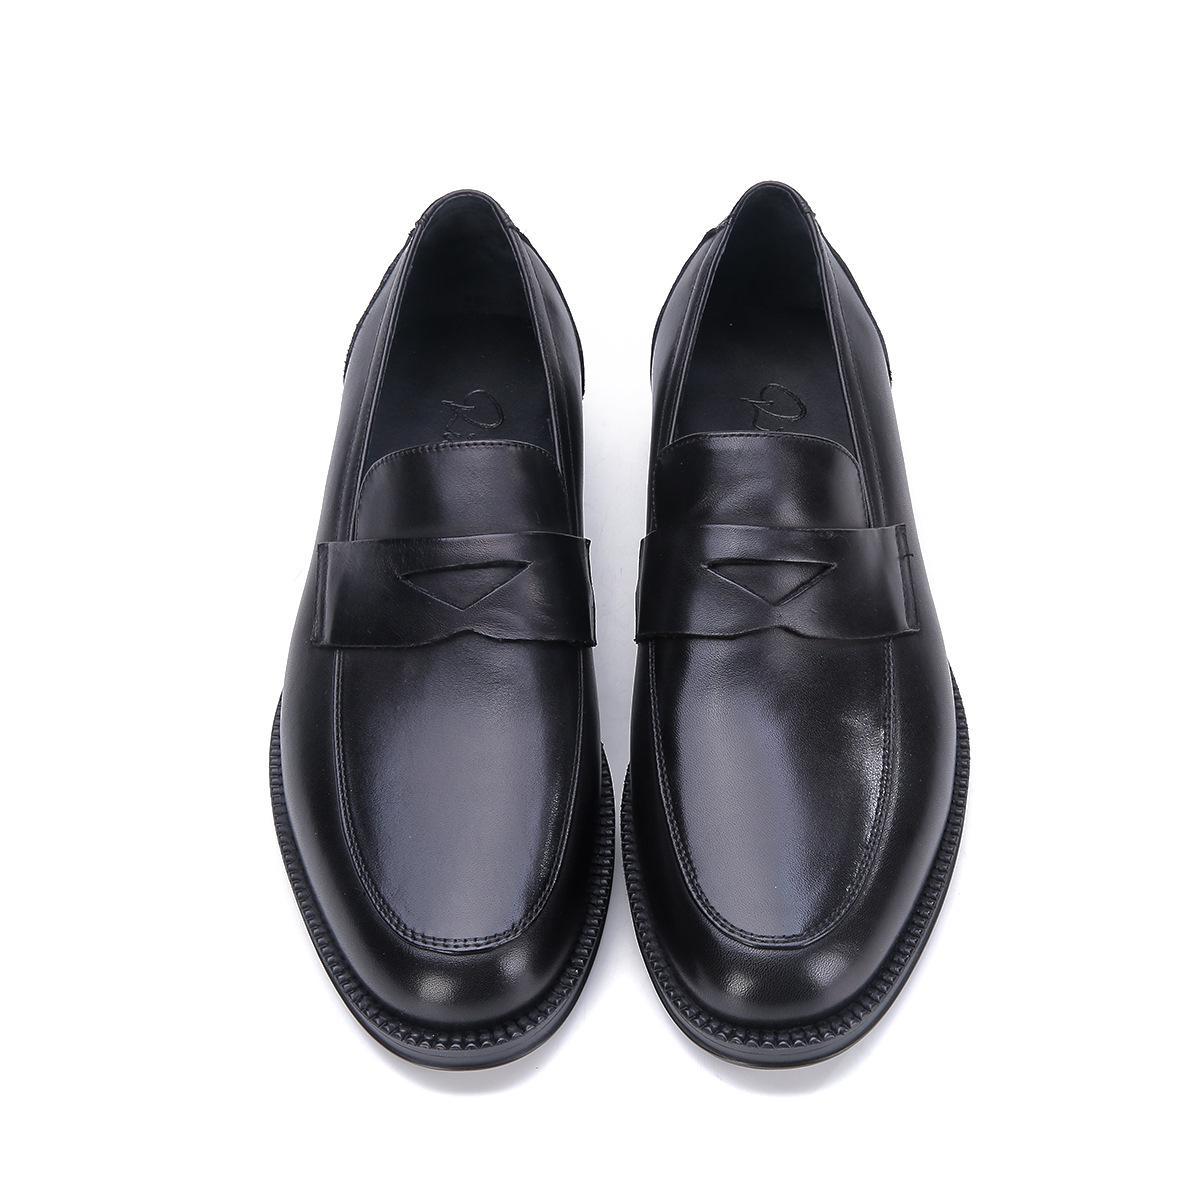 Мужская Обувь Оксфорды Из Натуральной Кожи Квадратная Голова Удобные Мягкое Дно Свободного Покроя Мужские Кожаные Ботинки